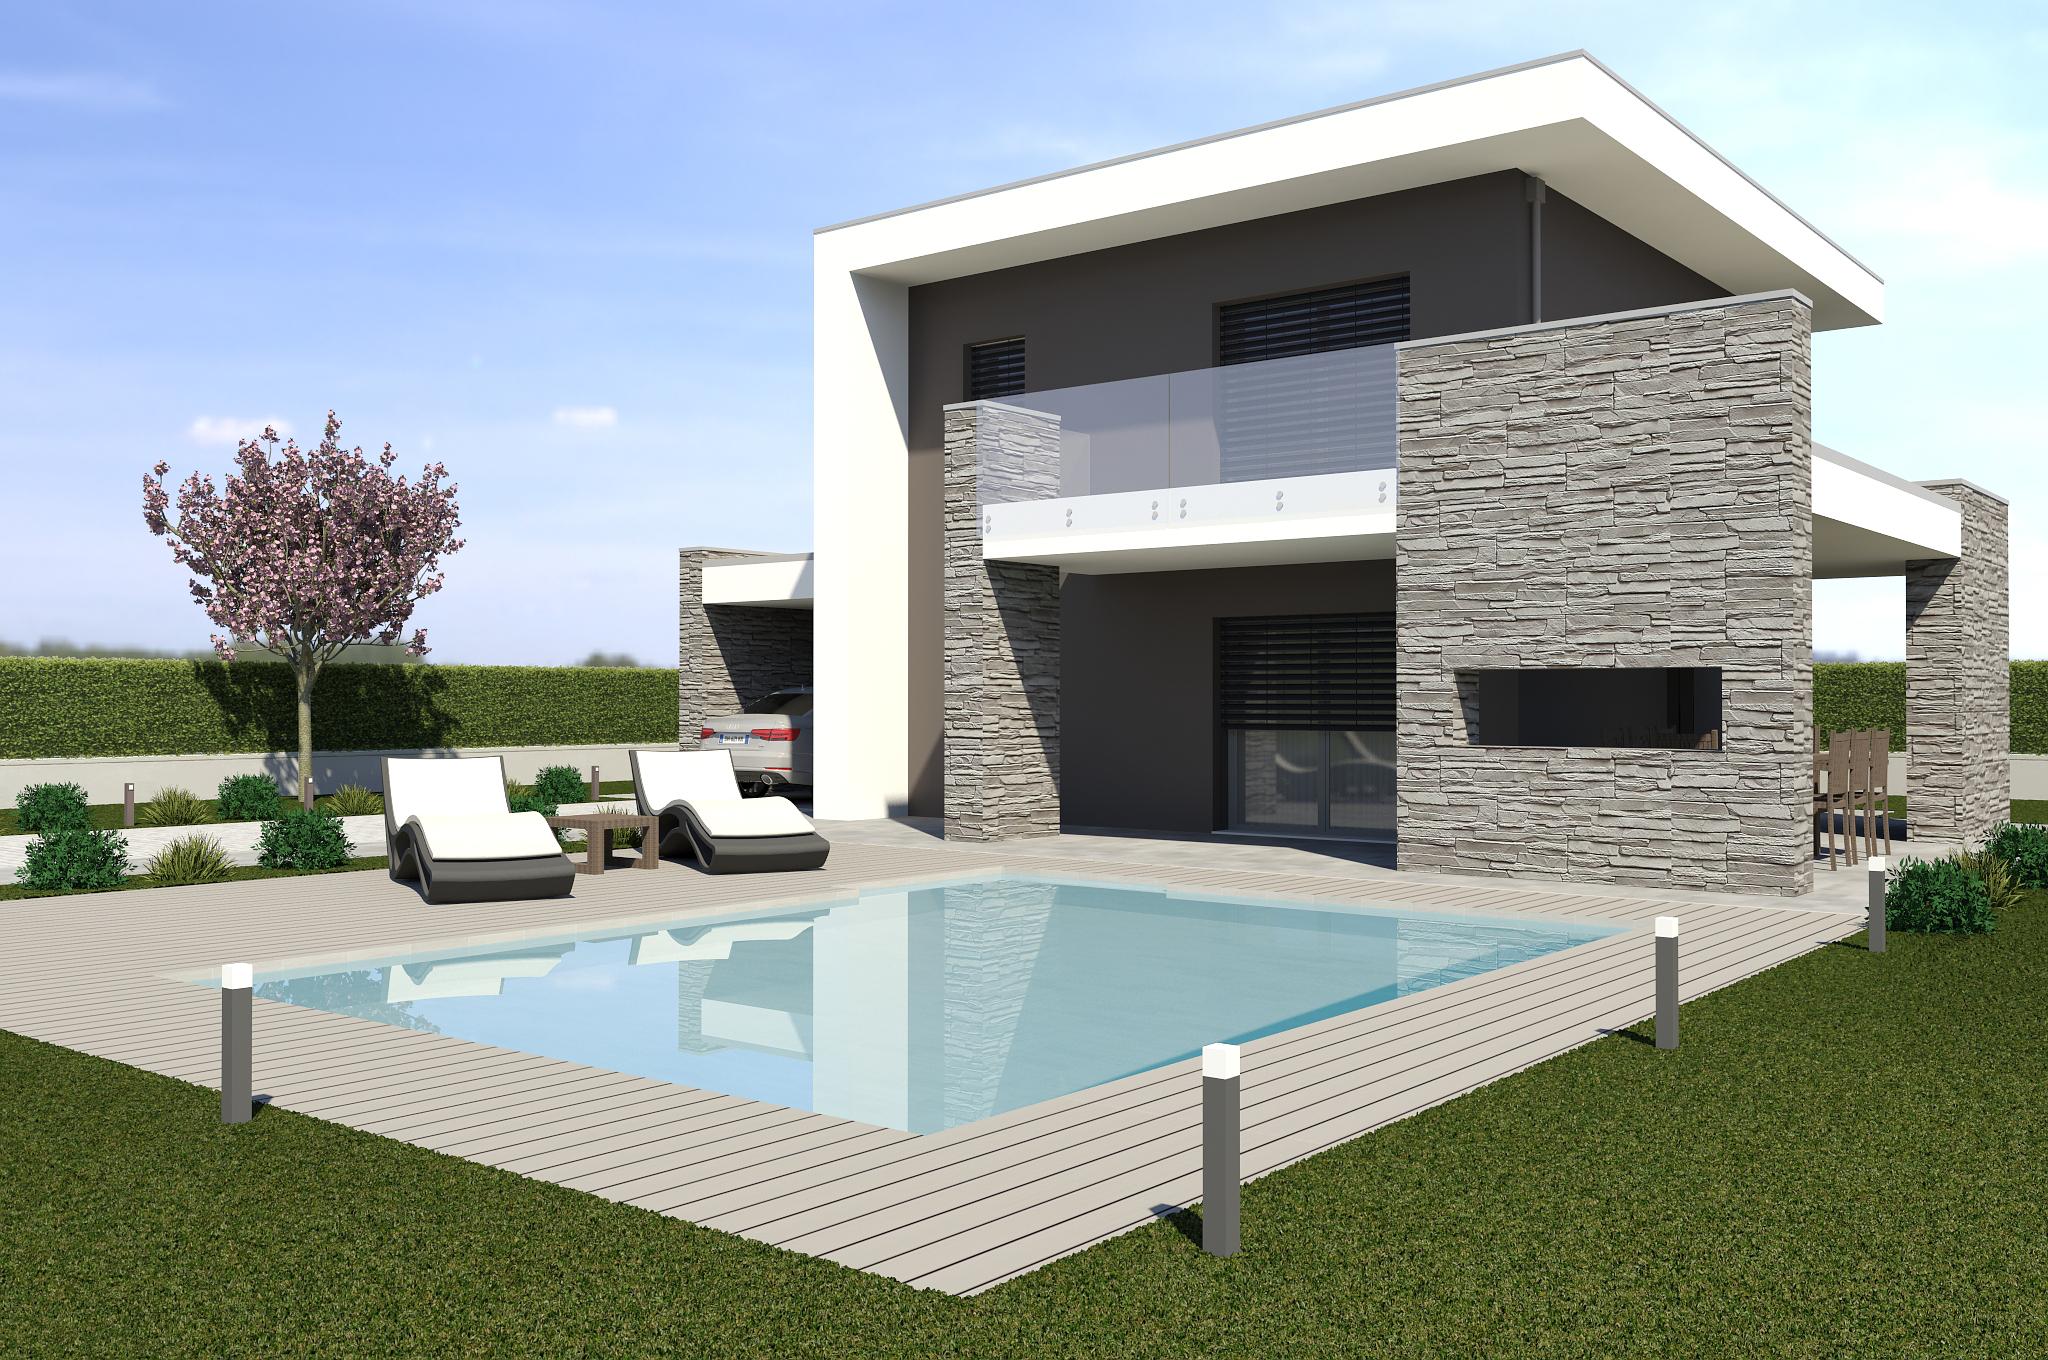 Planimetria della costruzione Casa in Legno modello ECO 180 di ECOHOUSE srl